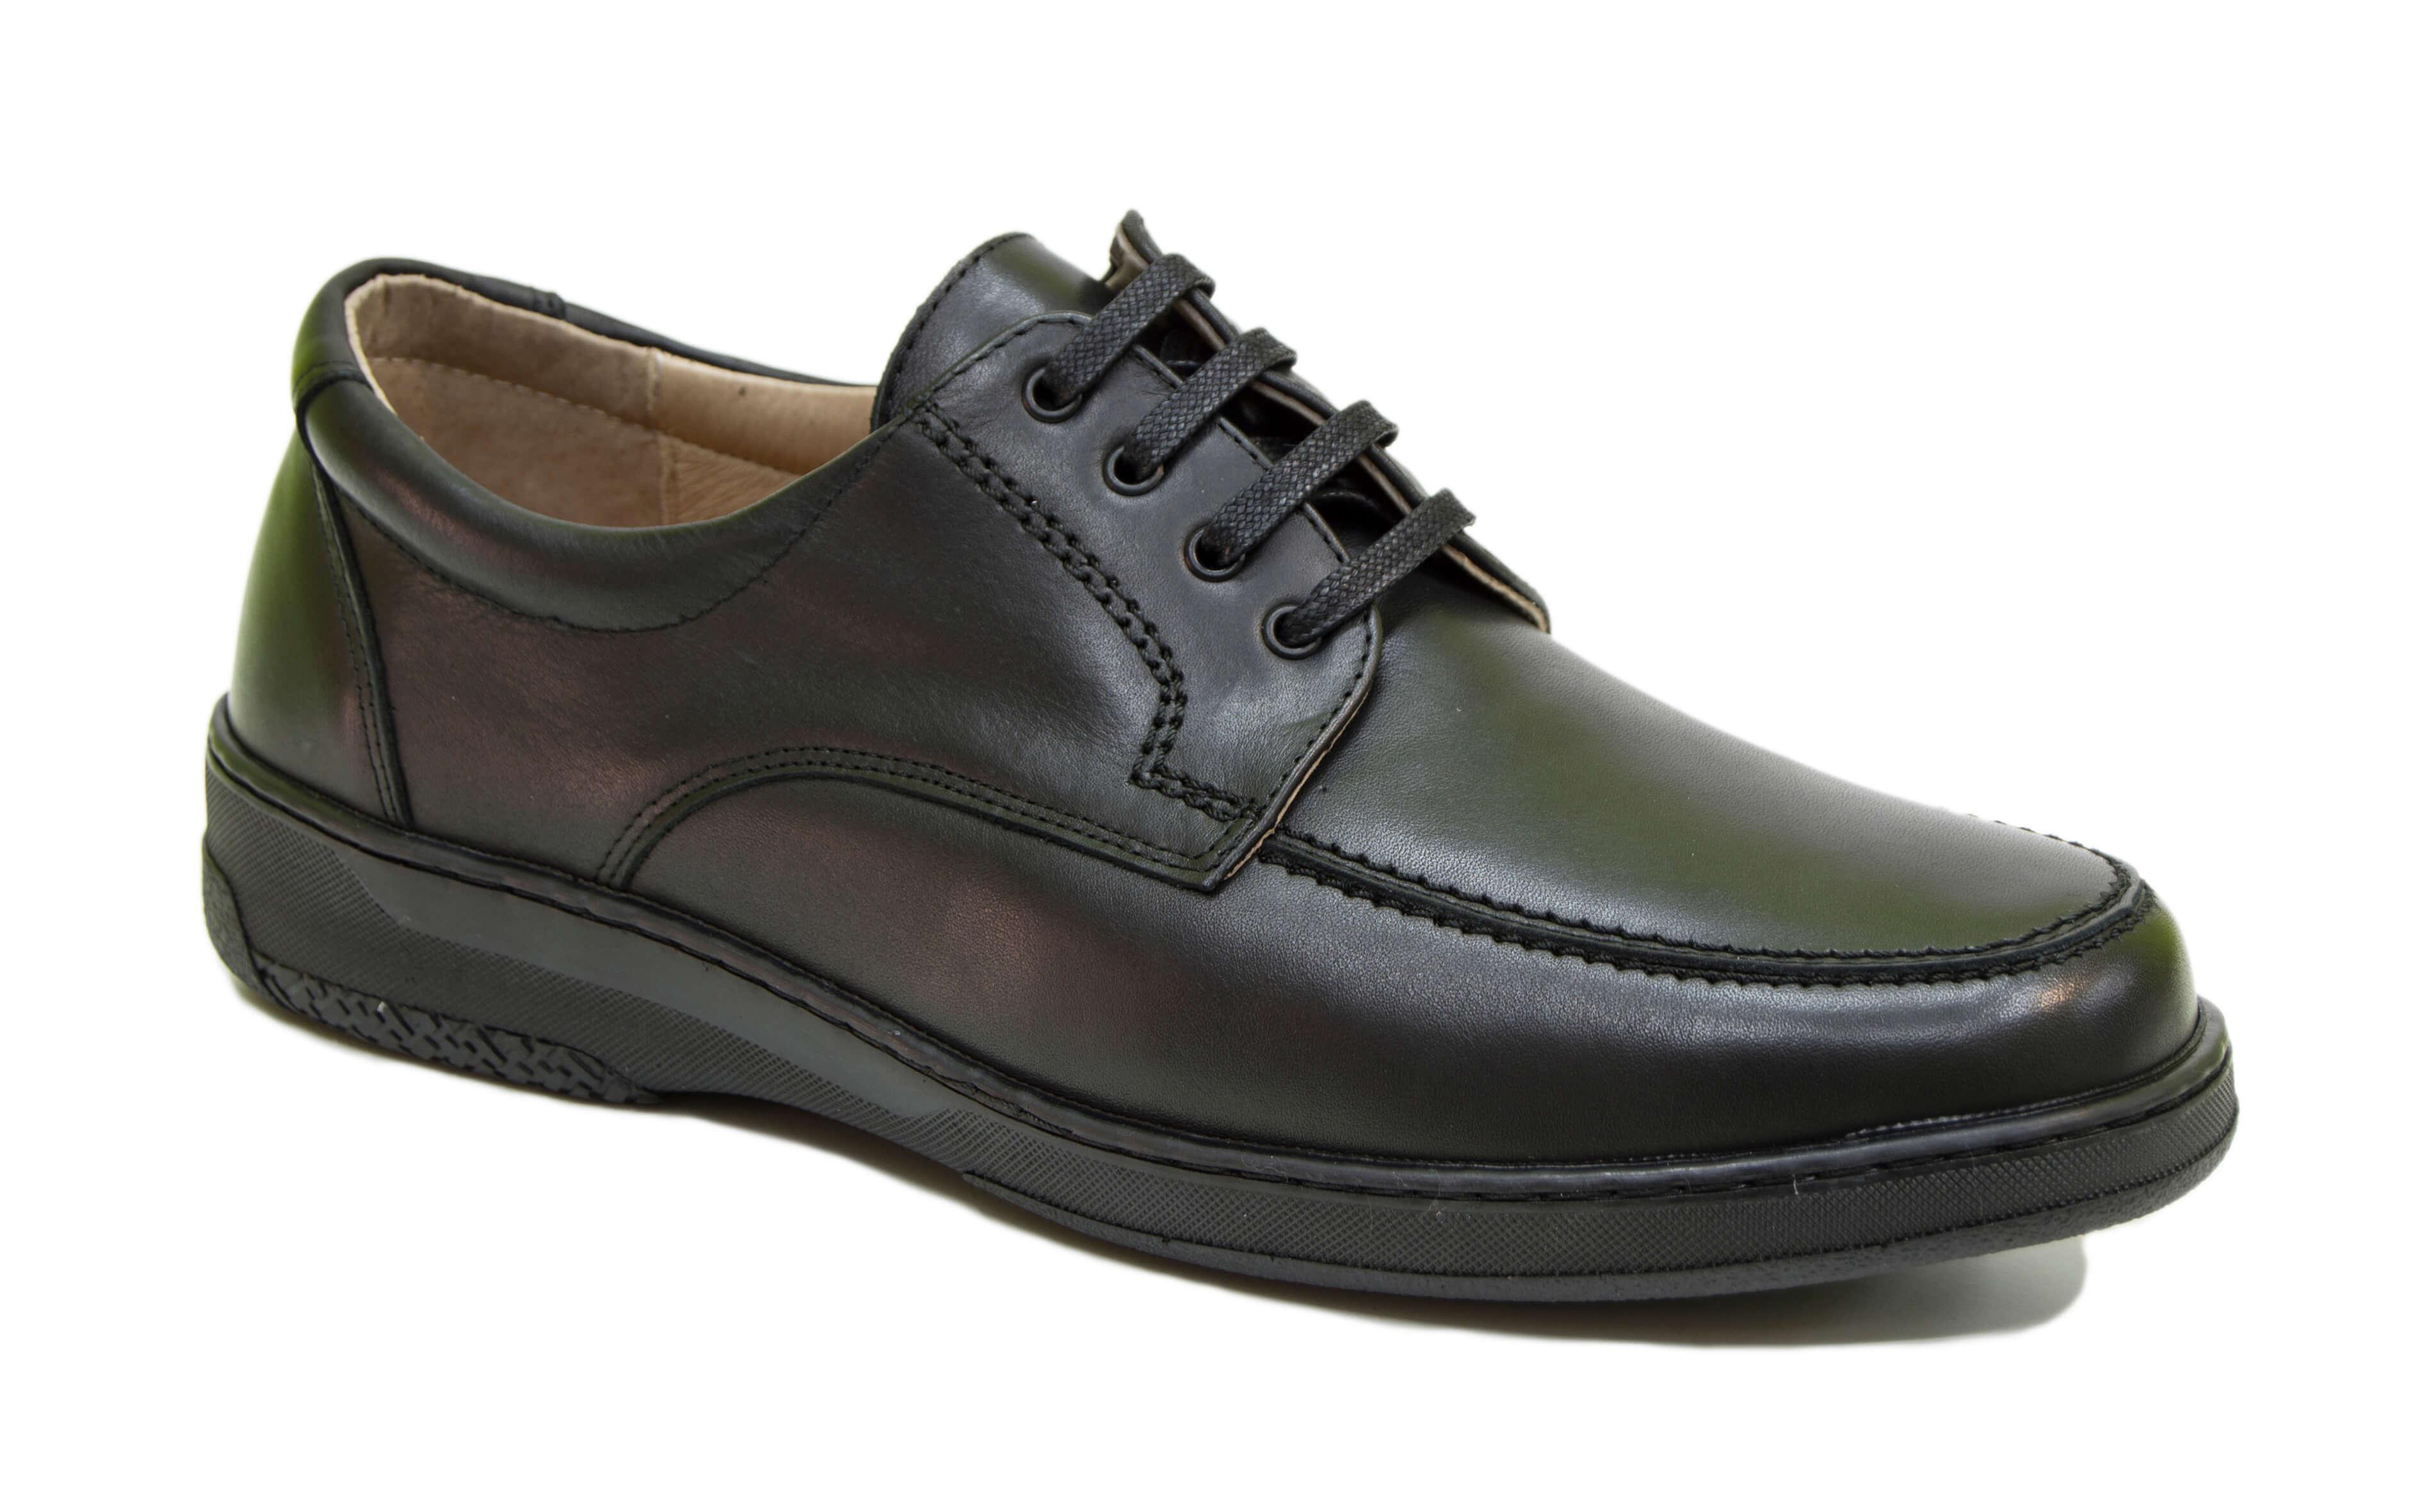 Zapatos negros vestir